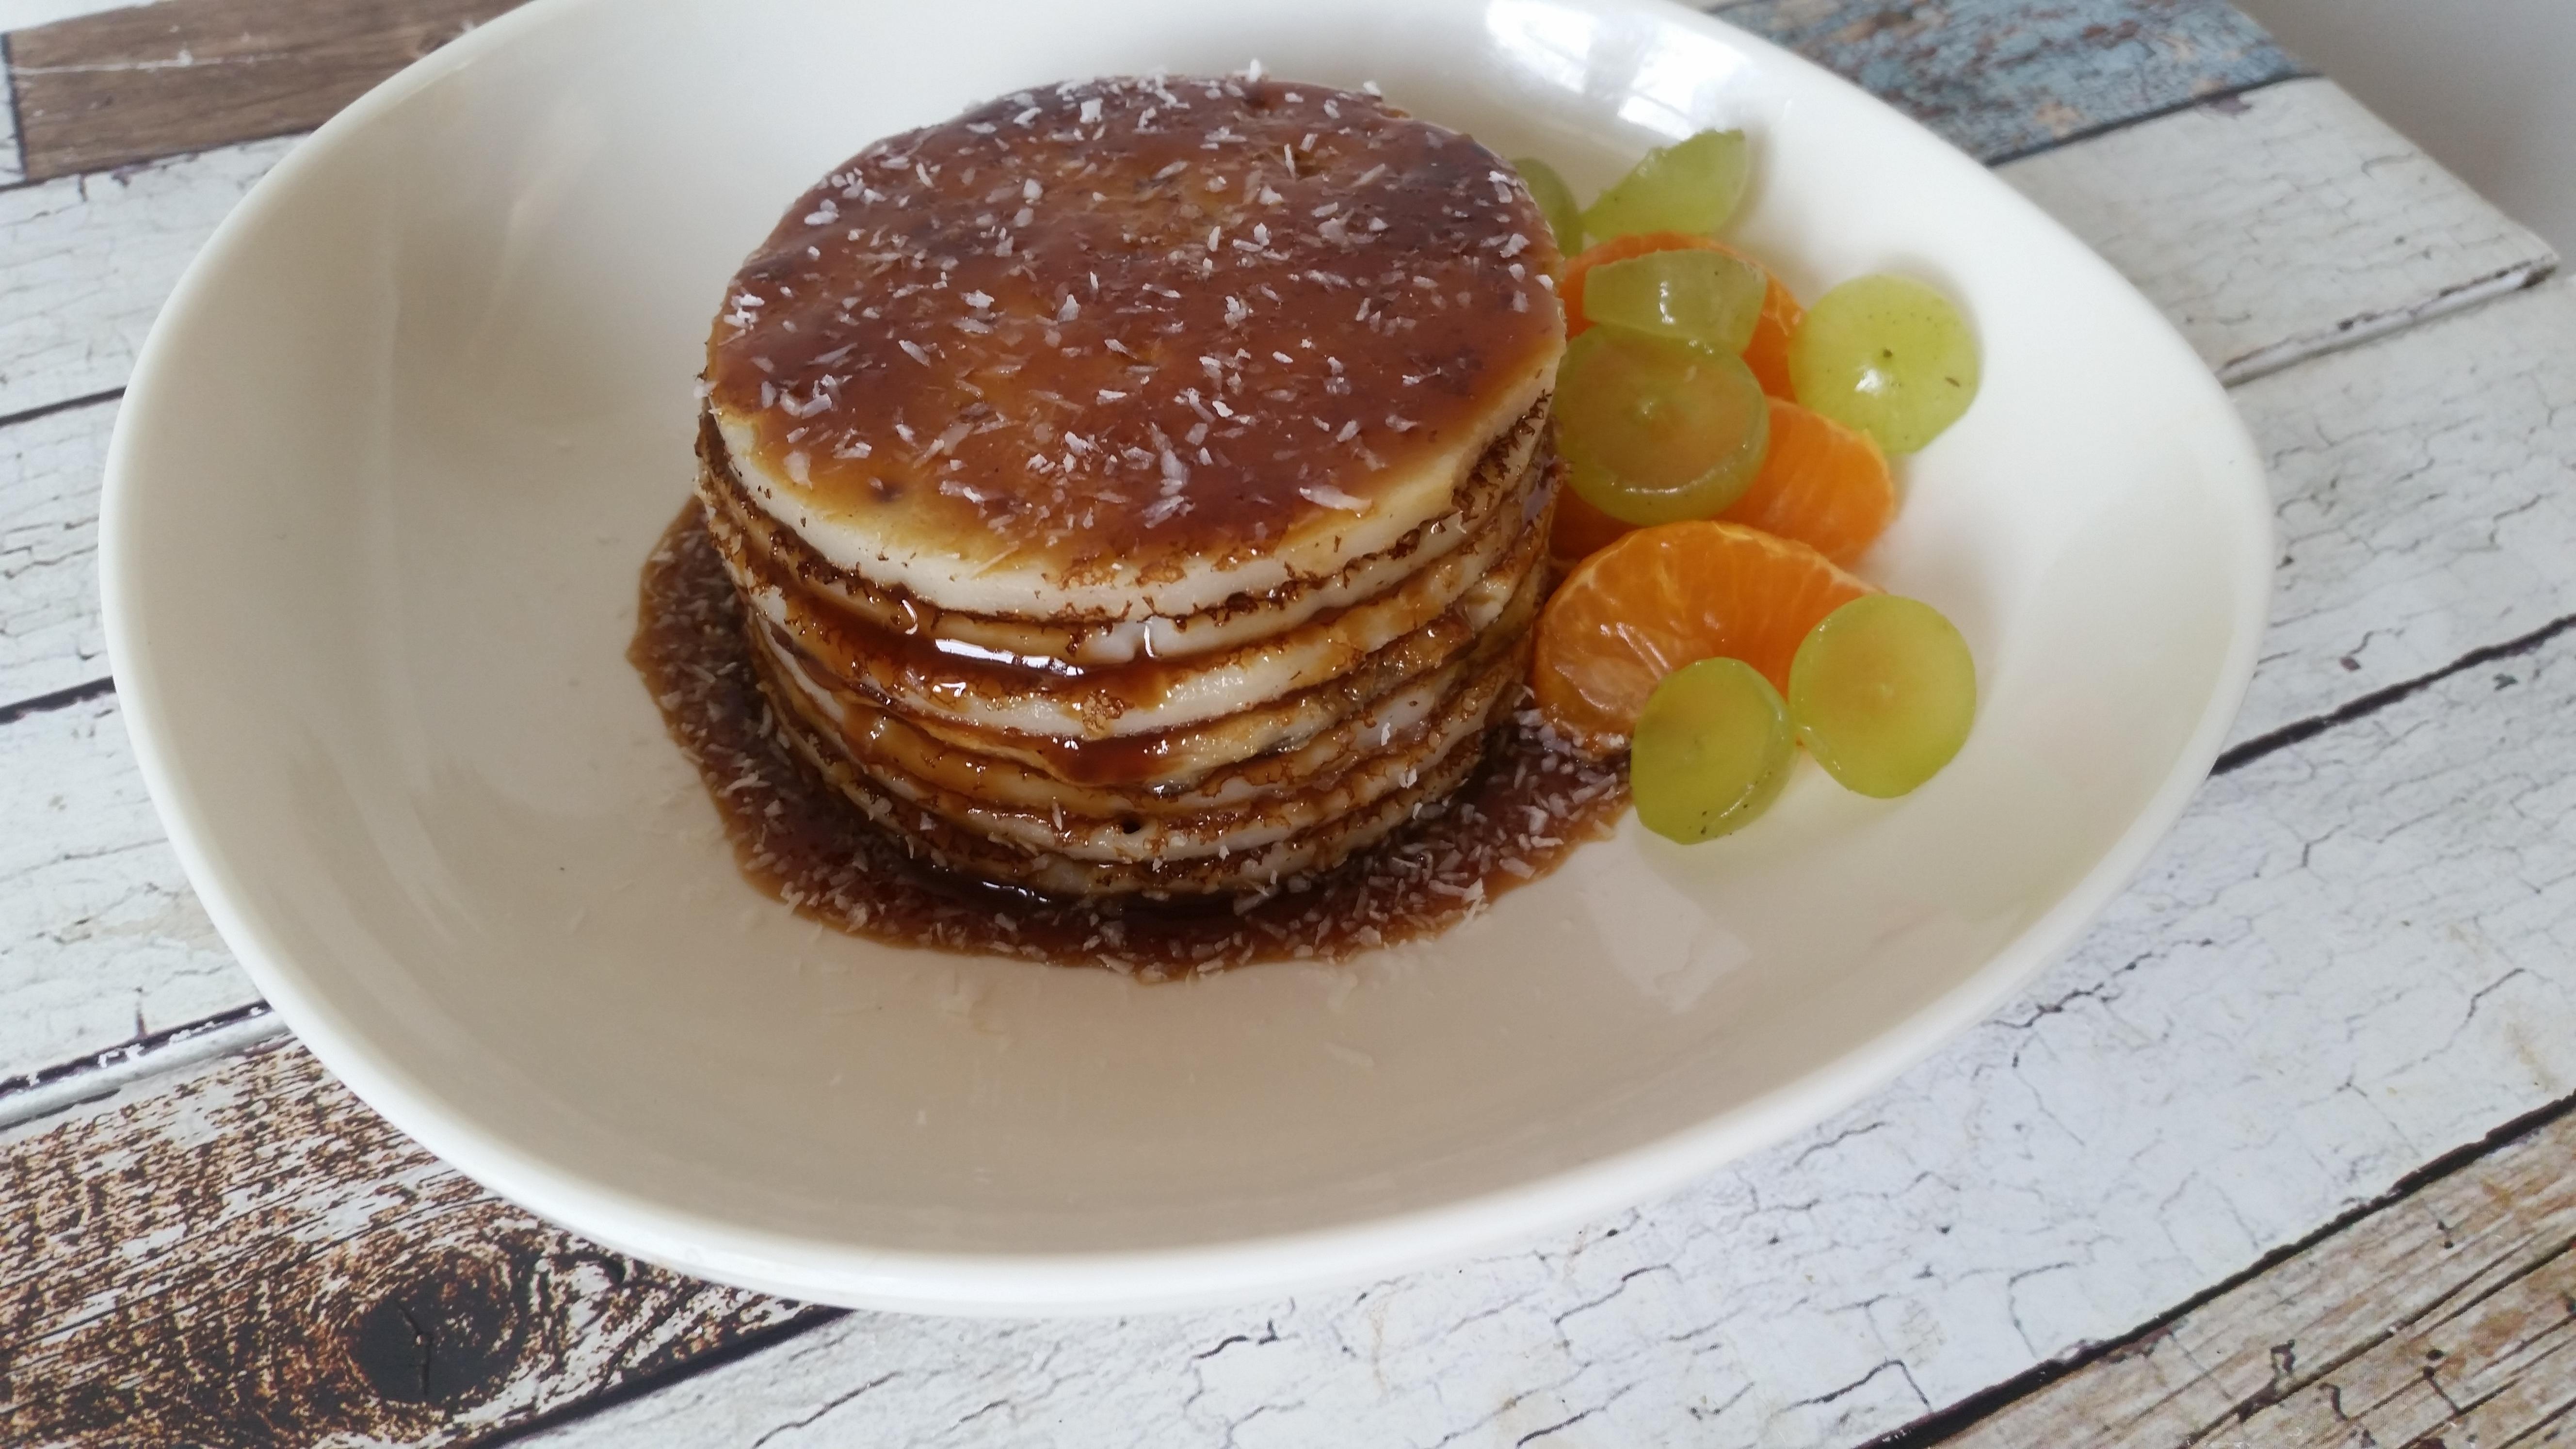 5-16-pannenkoeken-stapel-appelstroop-cocos-kokos-garnering-zonder-melk-zonder-ei-lekker-gezond-snack-ontbijt-lunch-fruit